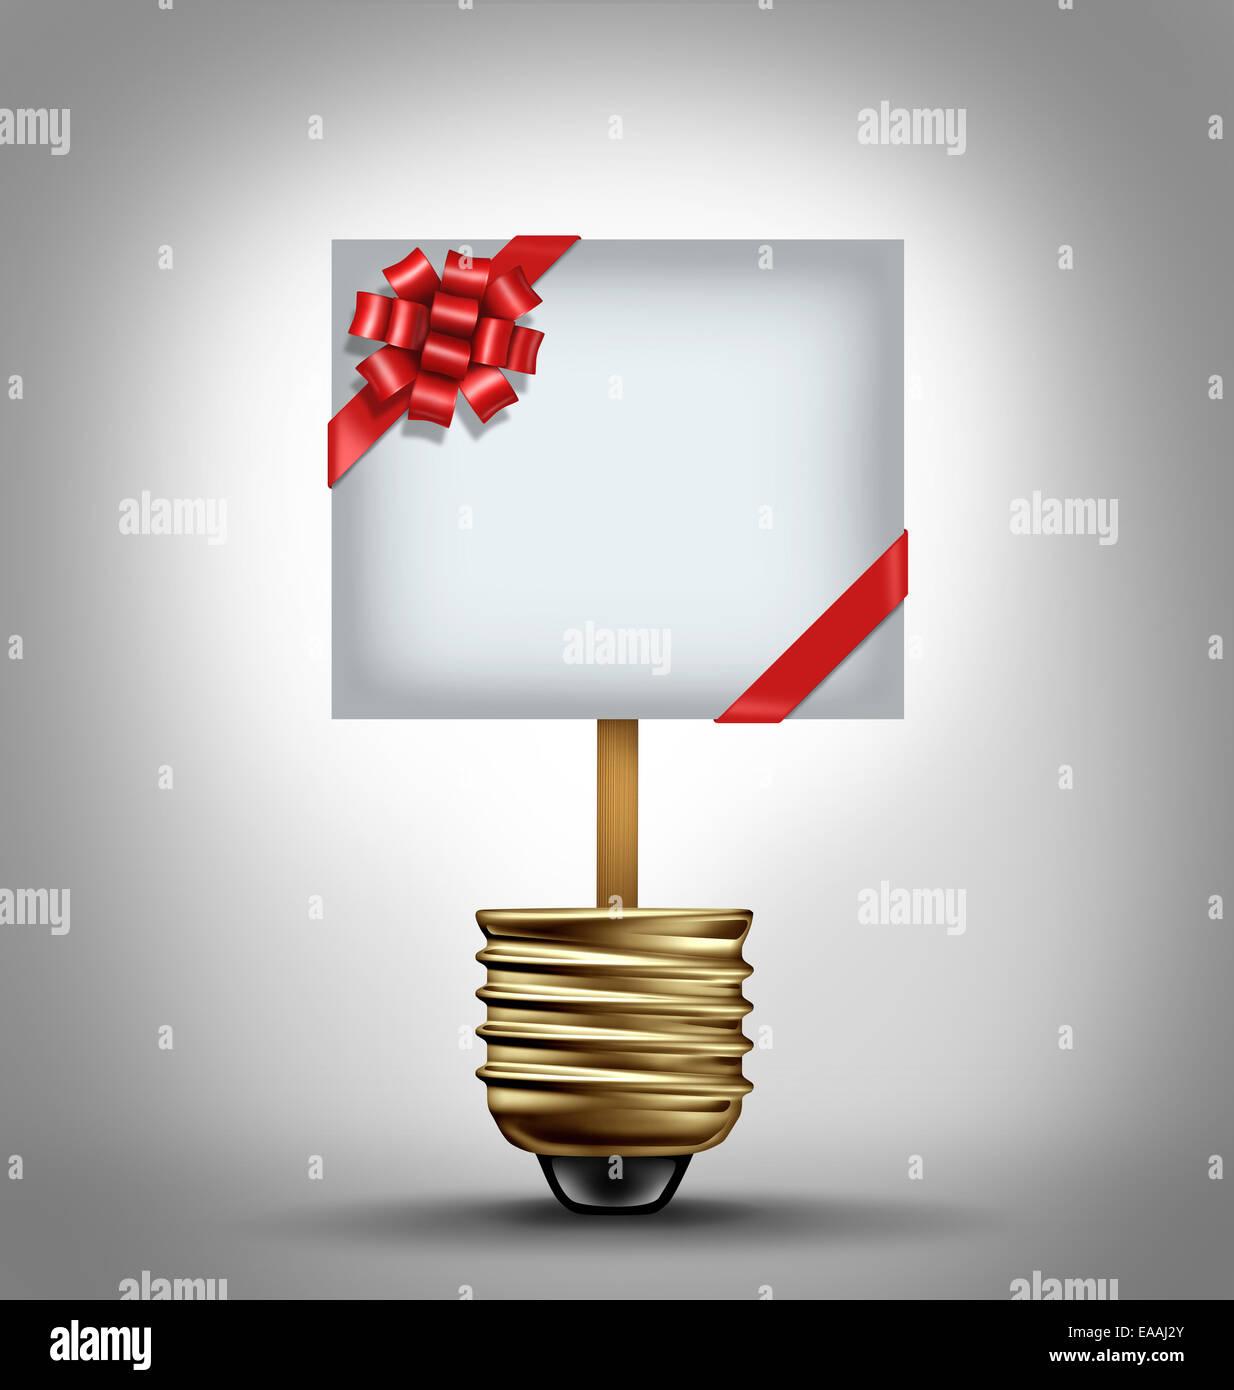 Concept de cadeau comme une ampoule ouverte avec un ruban rouge décoré bow signe en tant que symbole de Photo Stock